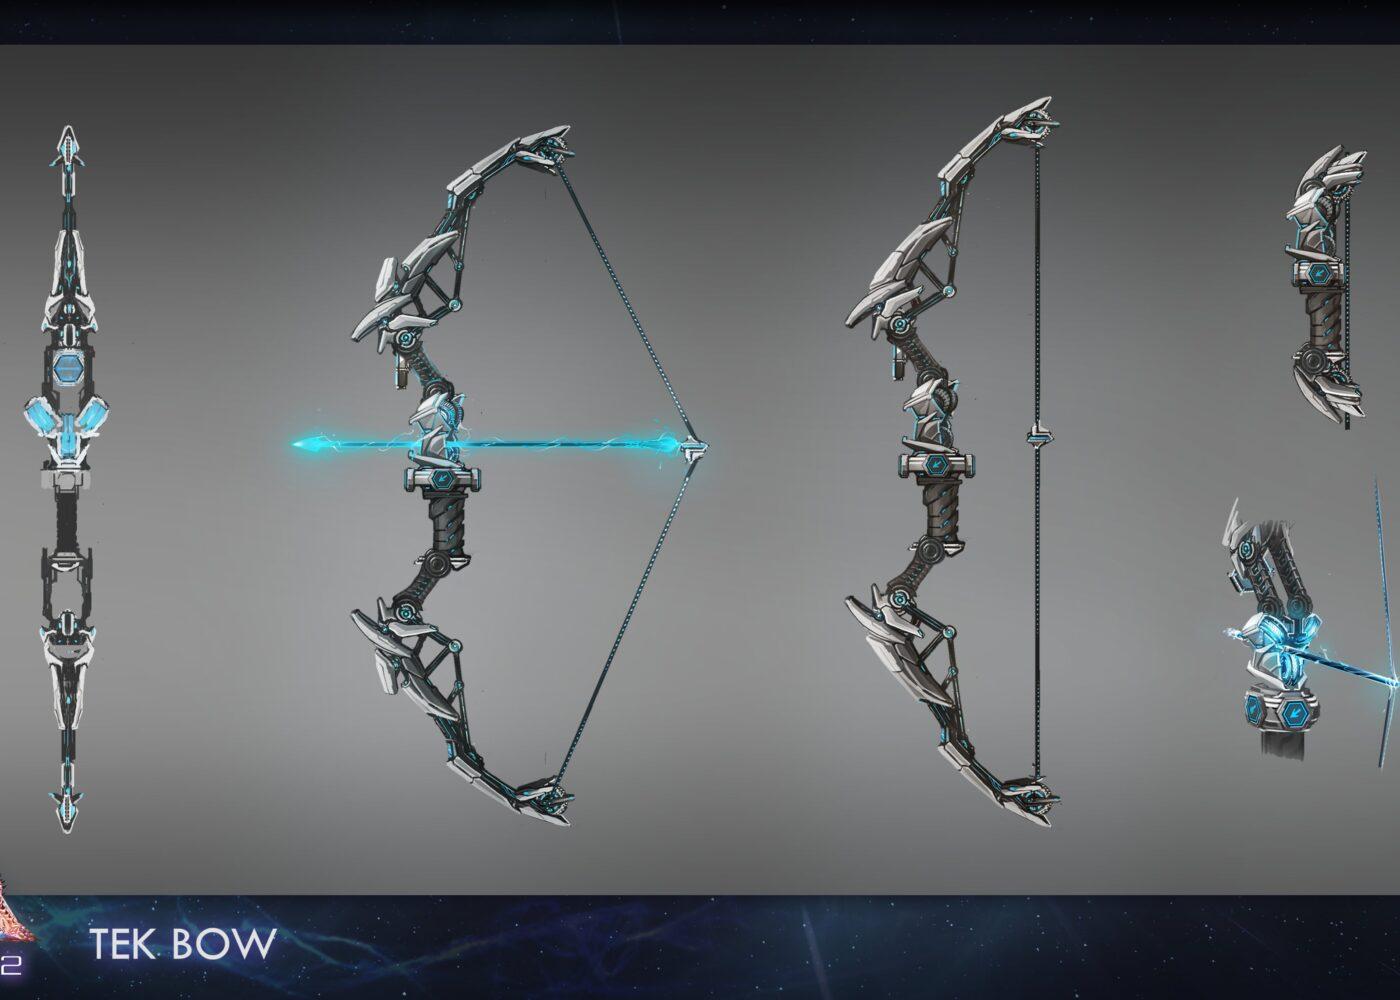 Tek Bow